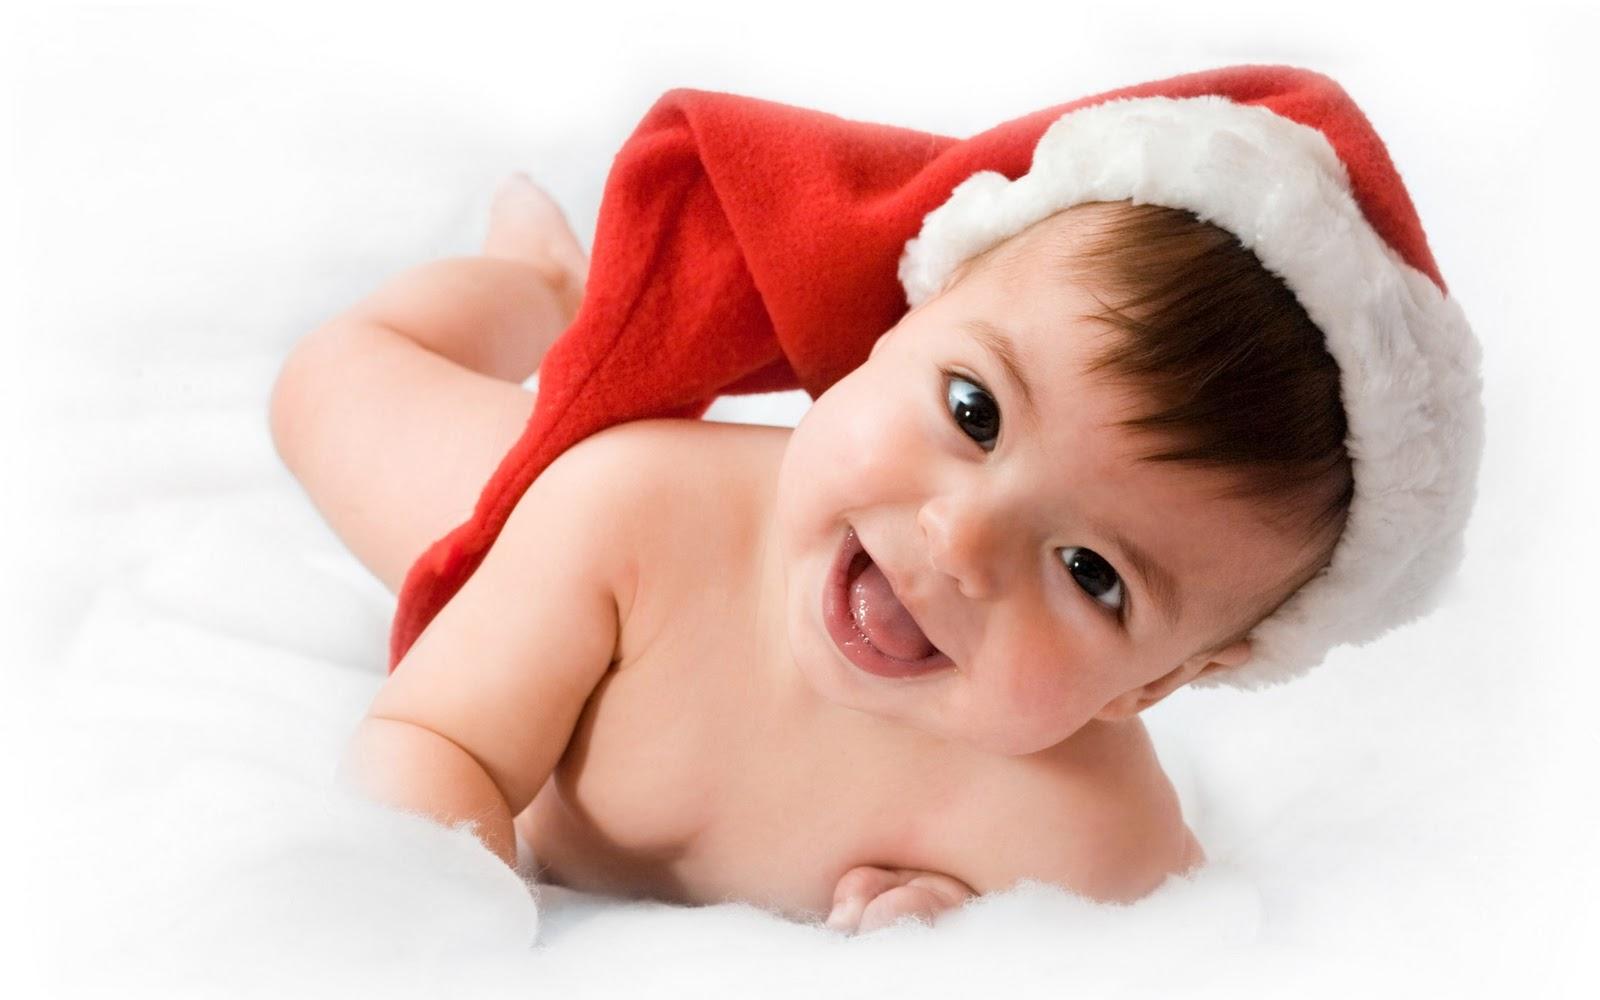 http://4.bp.blogspot.com/-6w9nKVCn3hI/TxhMY5Z2YLI/AAAAAAAAHMw/bCWYbIOydTA/s1600/Santa-Baby.jpg